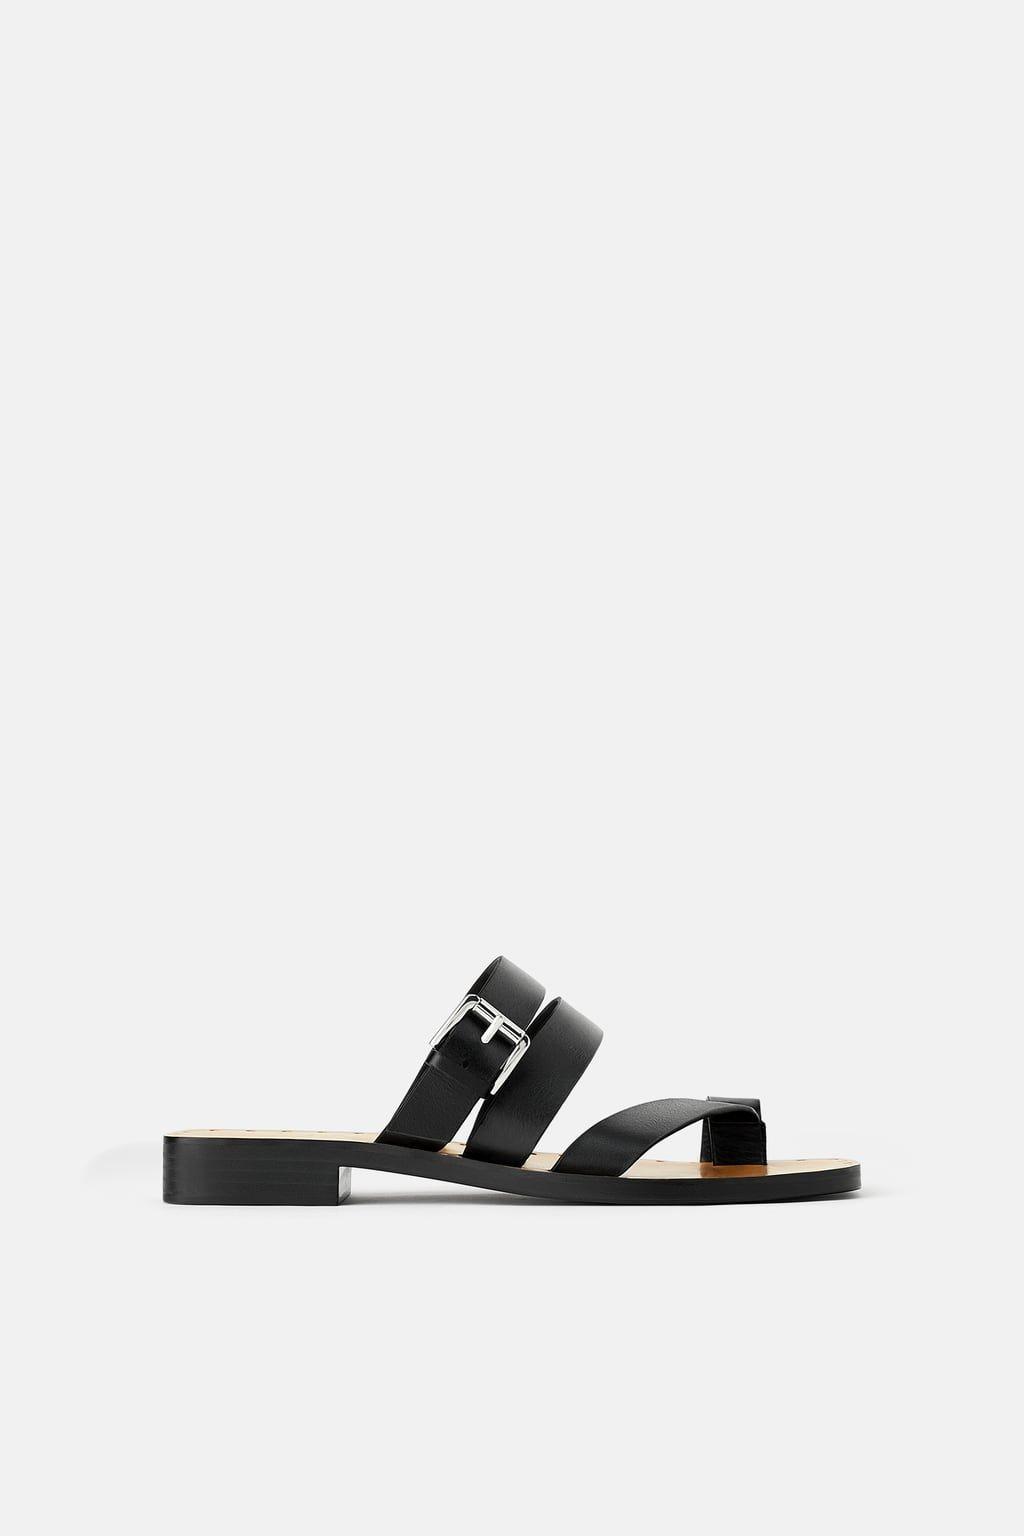 Obsesionemos Combinan Que Sandalias Quiere Estas Zara Nos Con 8n0mNvw